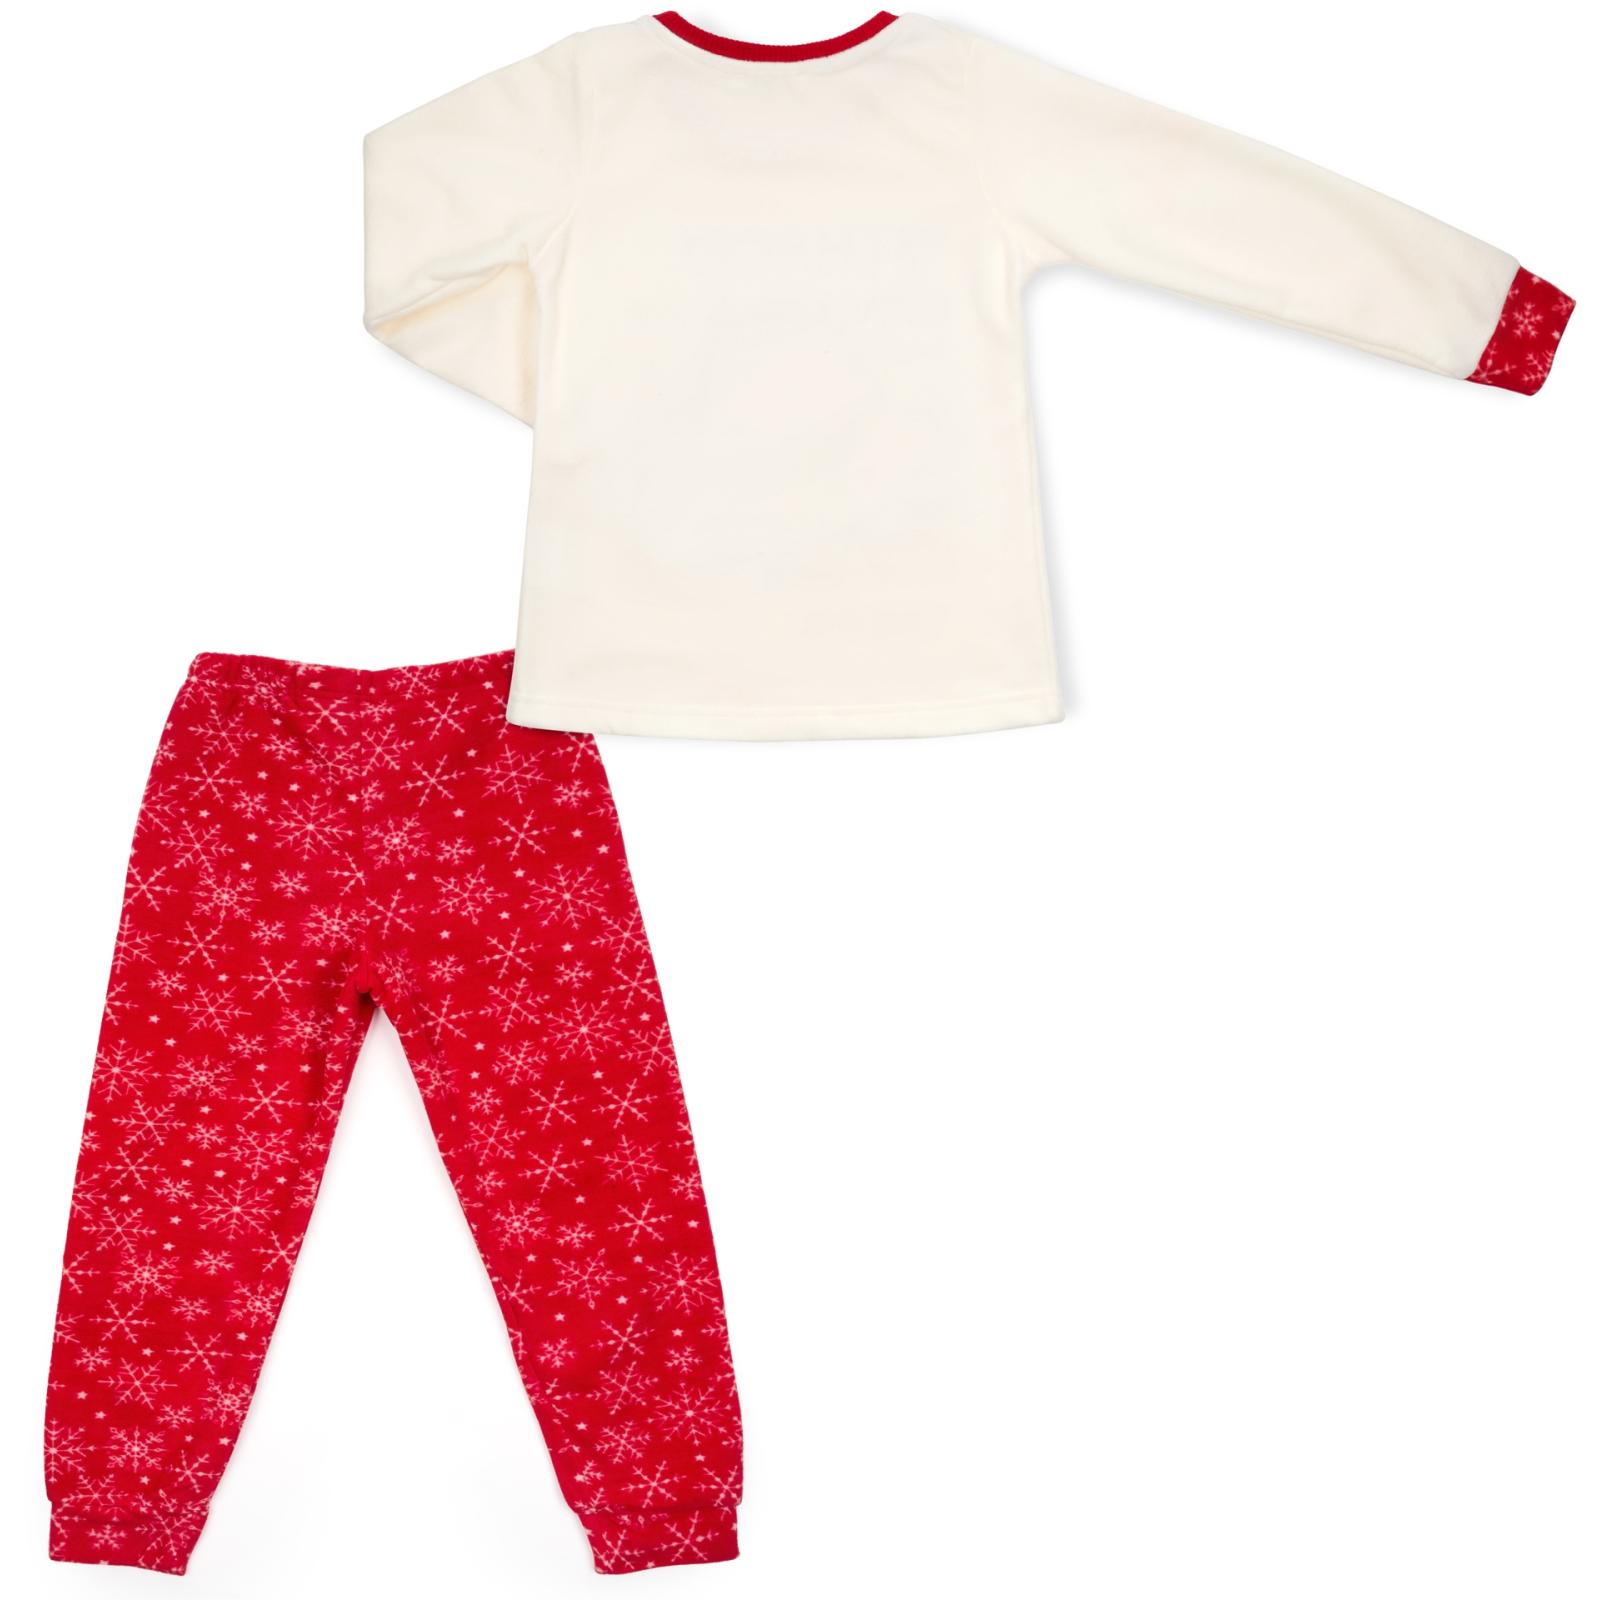 Пижама Matilda флисовая со шляпкой (9110-3-134G-red) изображение 4